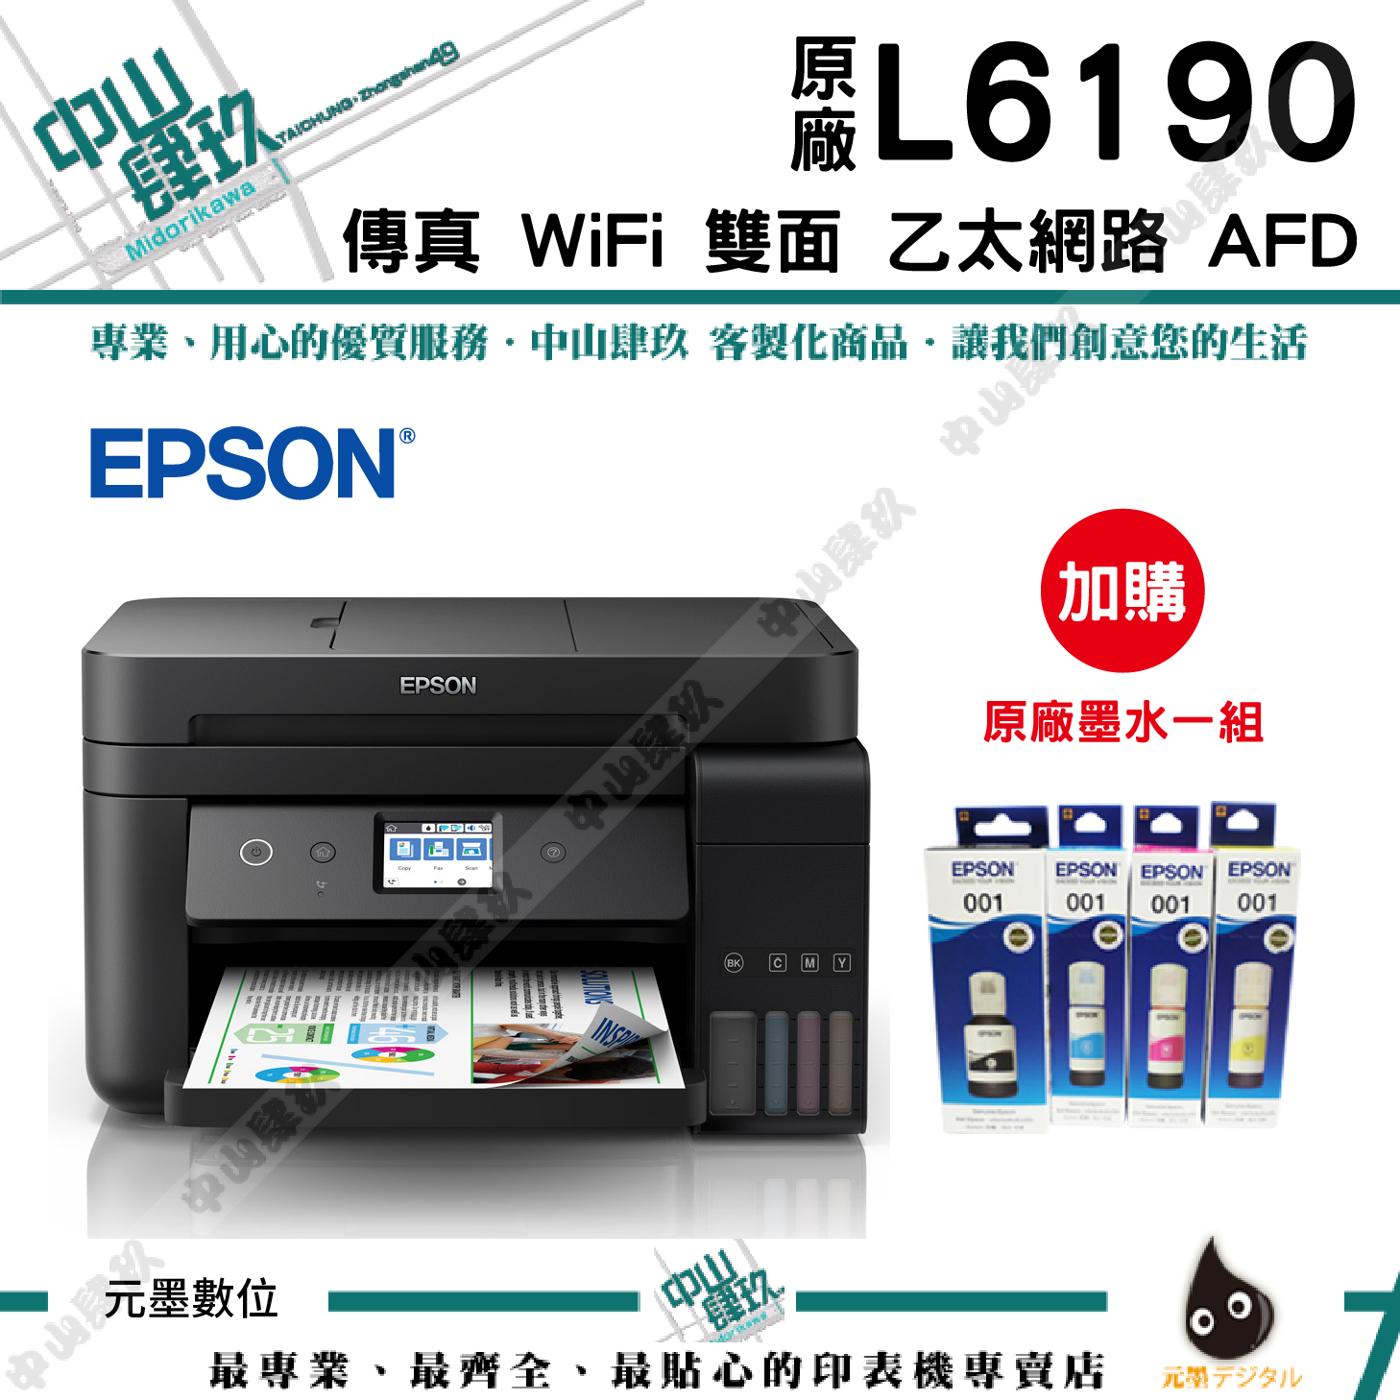 【兩年保固】EPSON L6190 雙網四合一傳真 連續供墨複合機+一組墨水